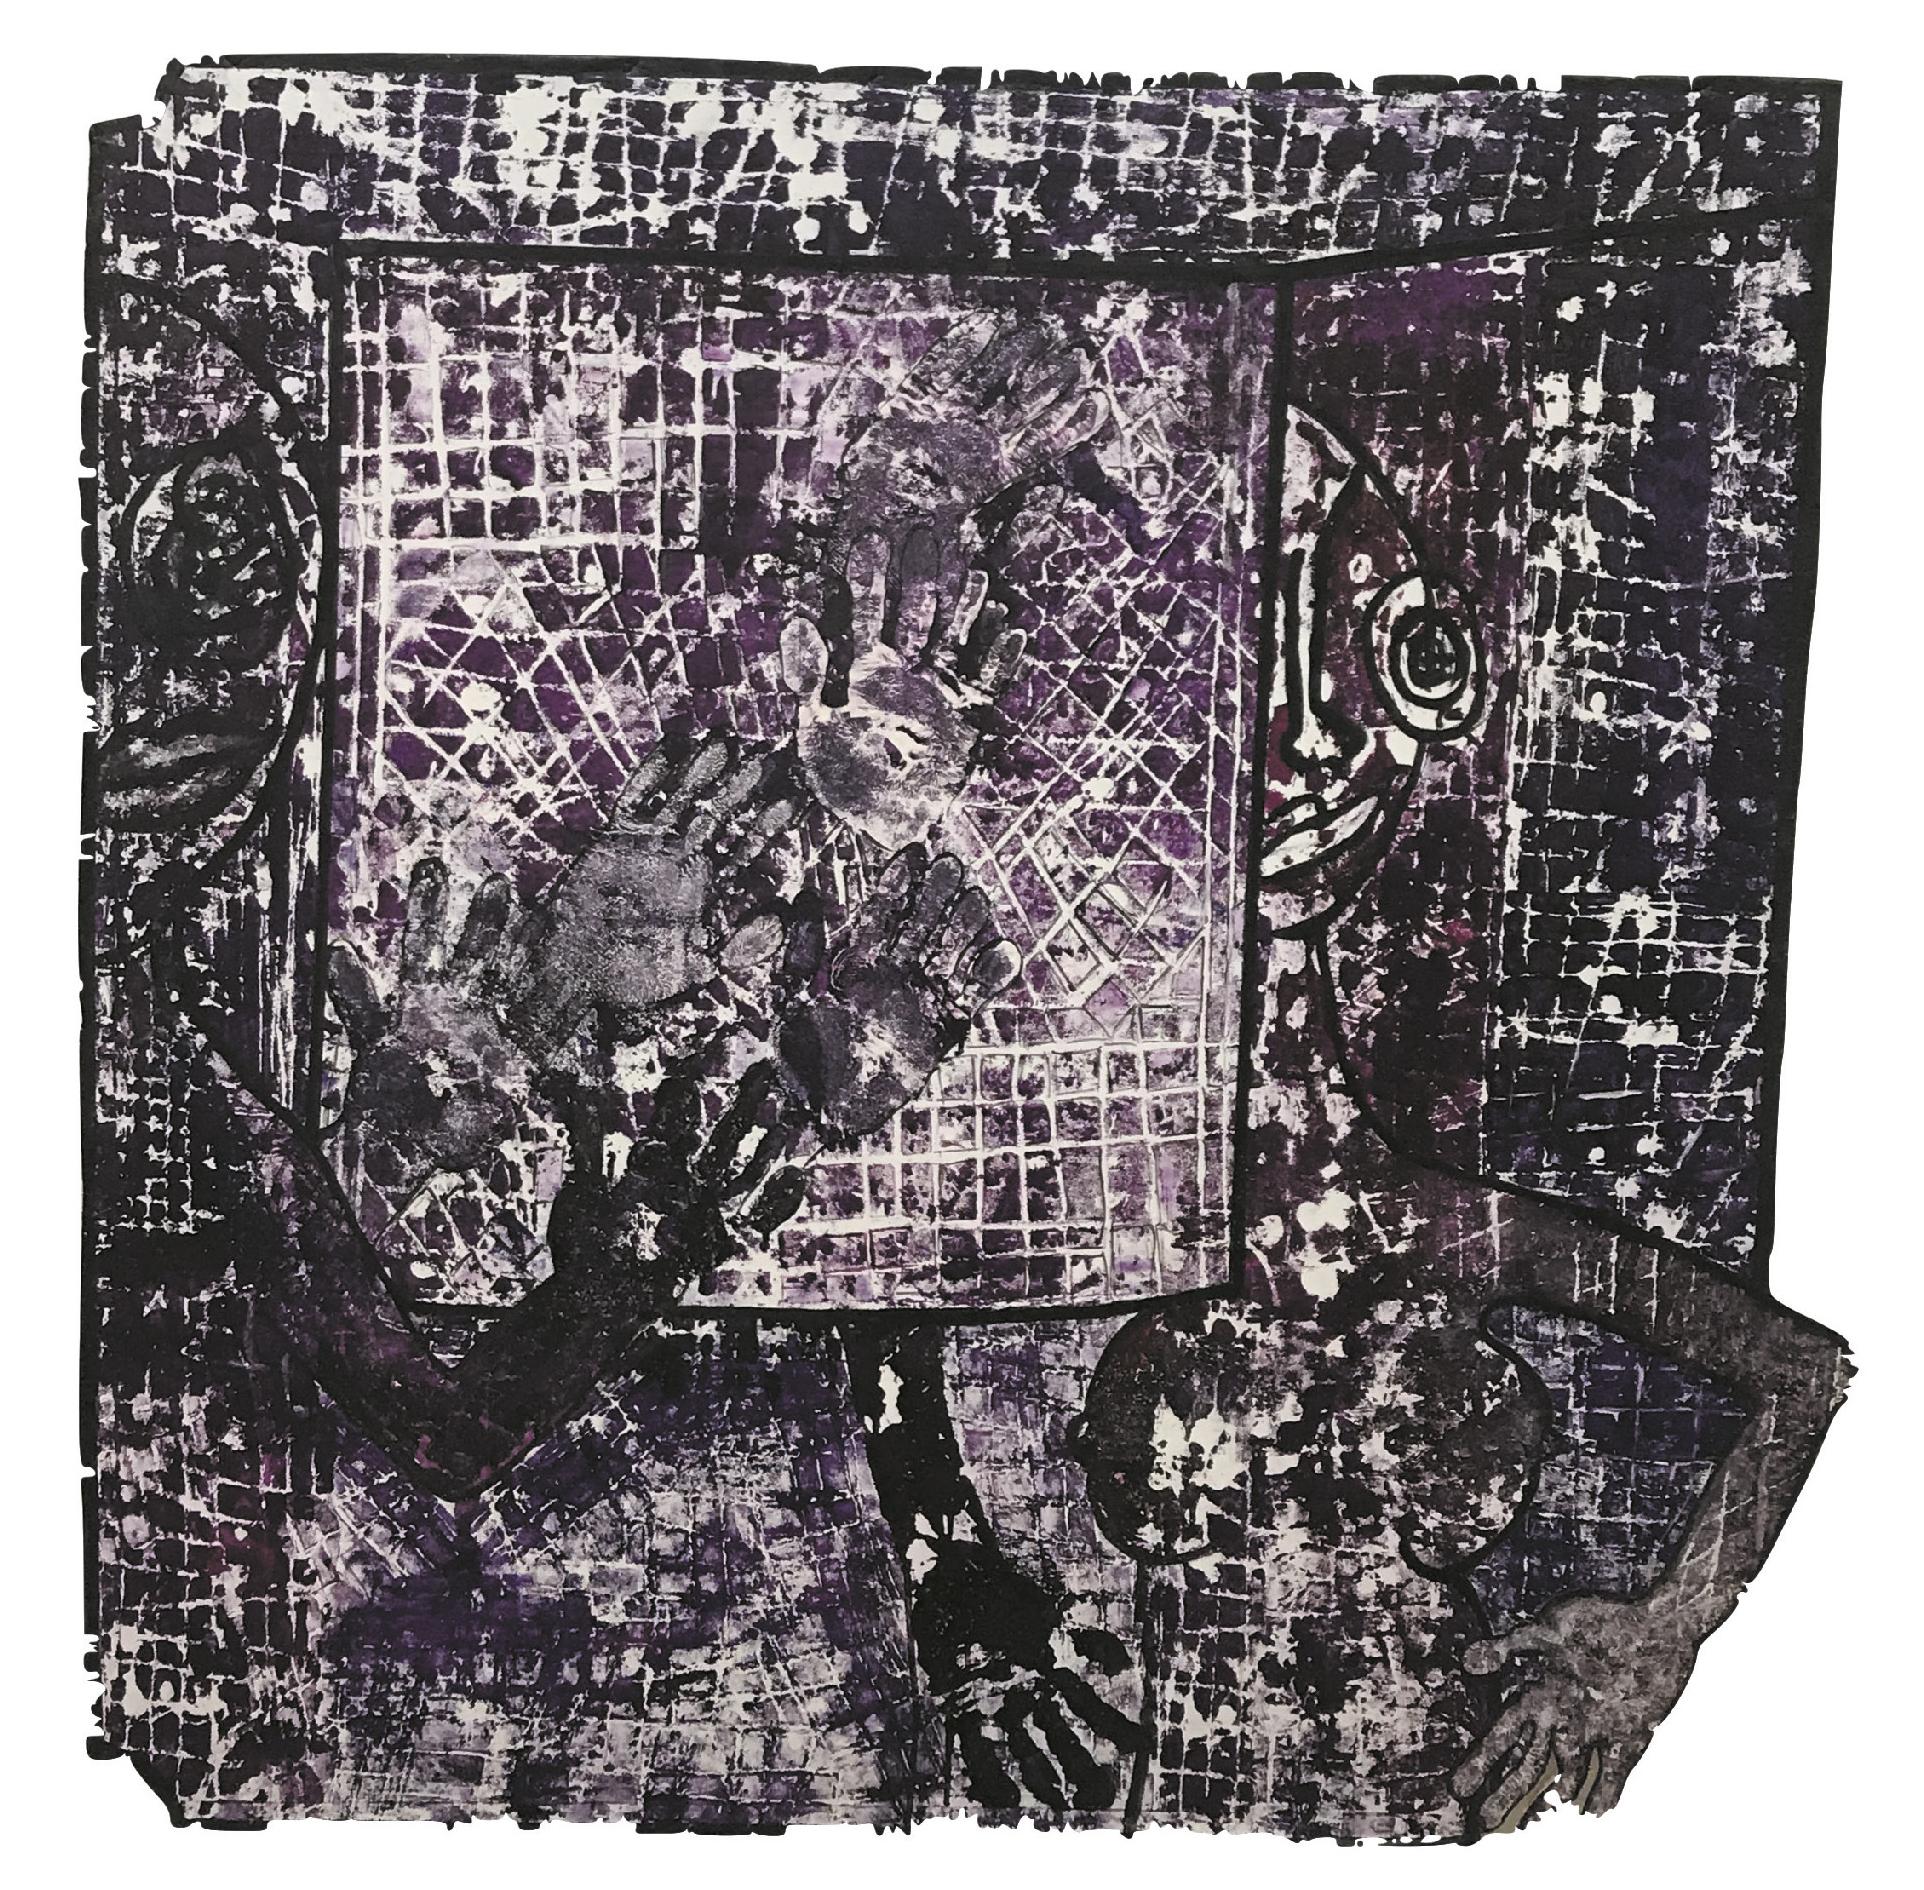 Laurent Jean-Jacques (1943) L'intranquilité 6, 2015 - Mixed media - 109 x 110 cm -